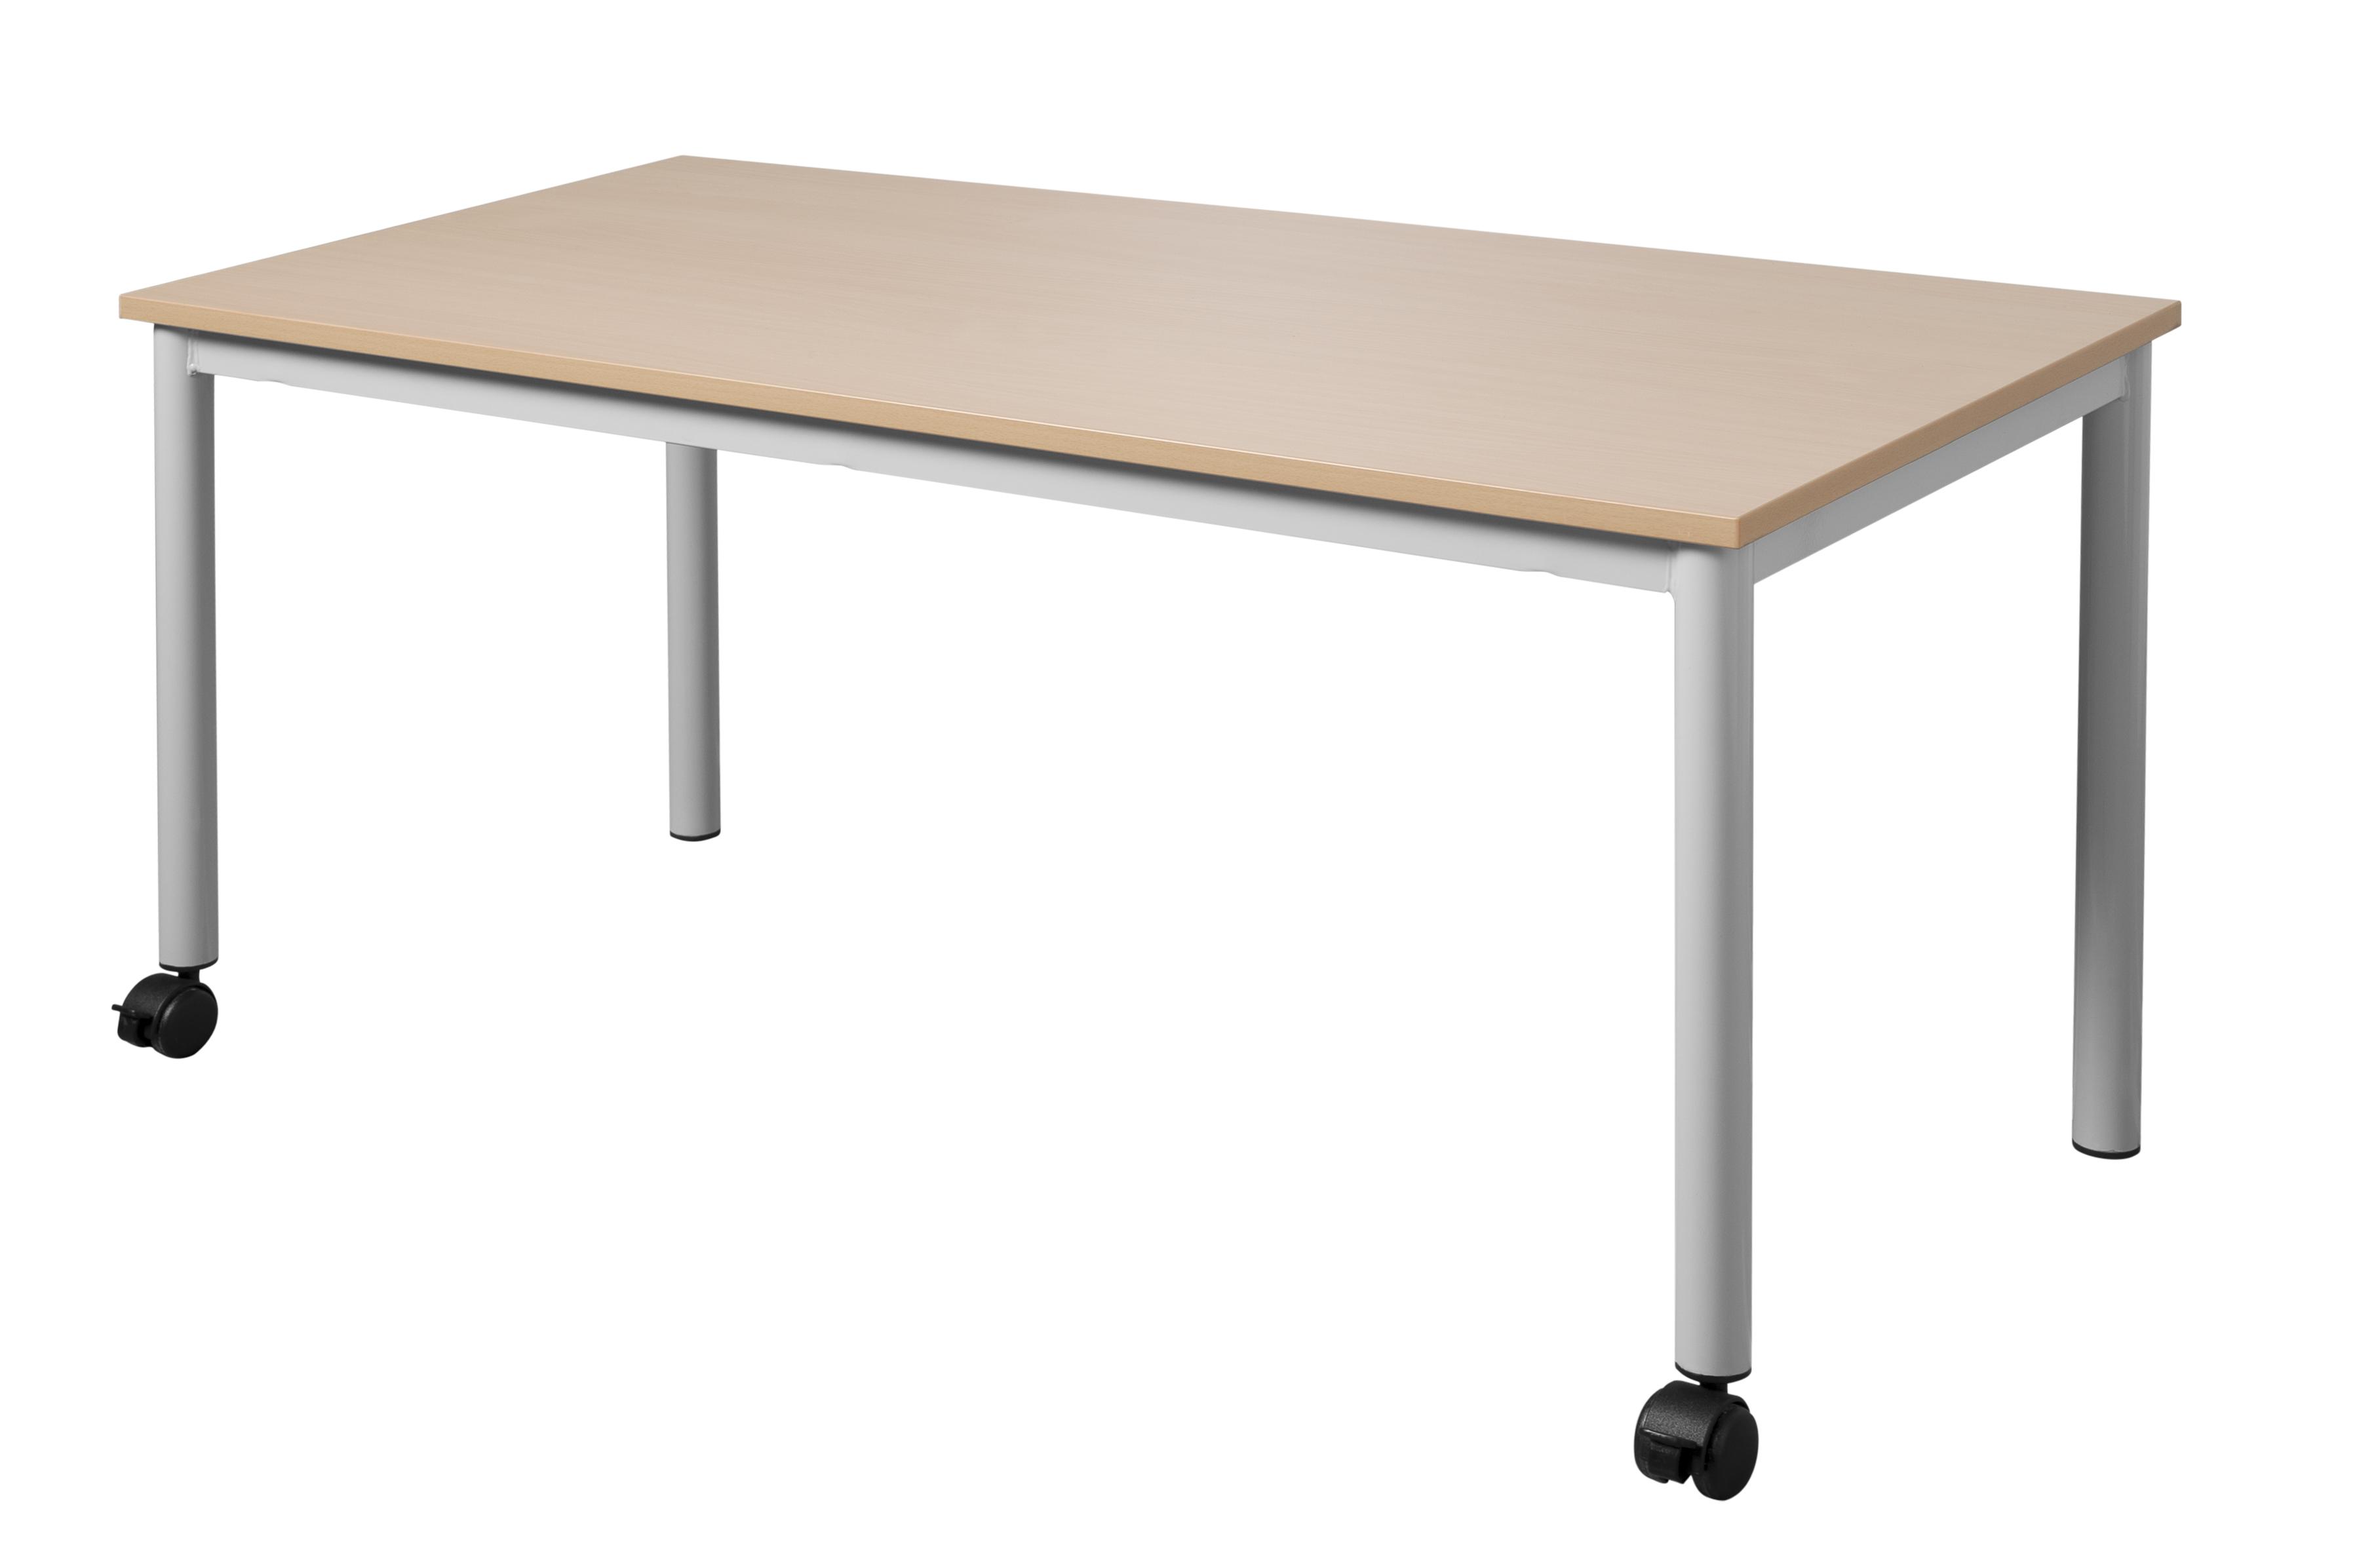 Table maternelle fixe 4 pieds tube diamètre 40mm sur roulettes.